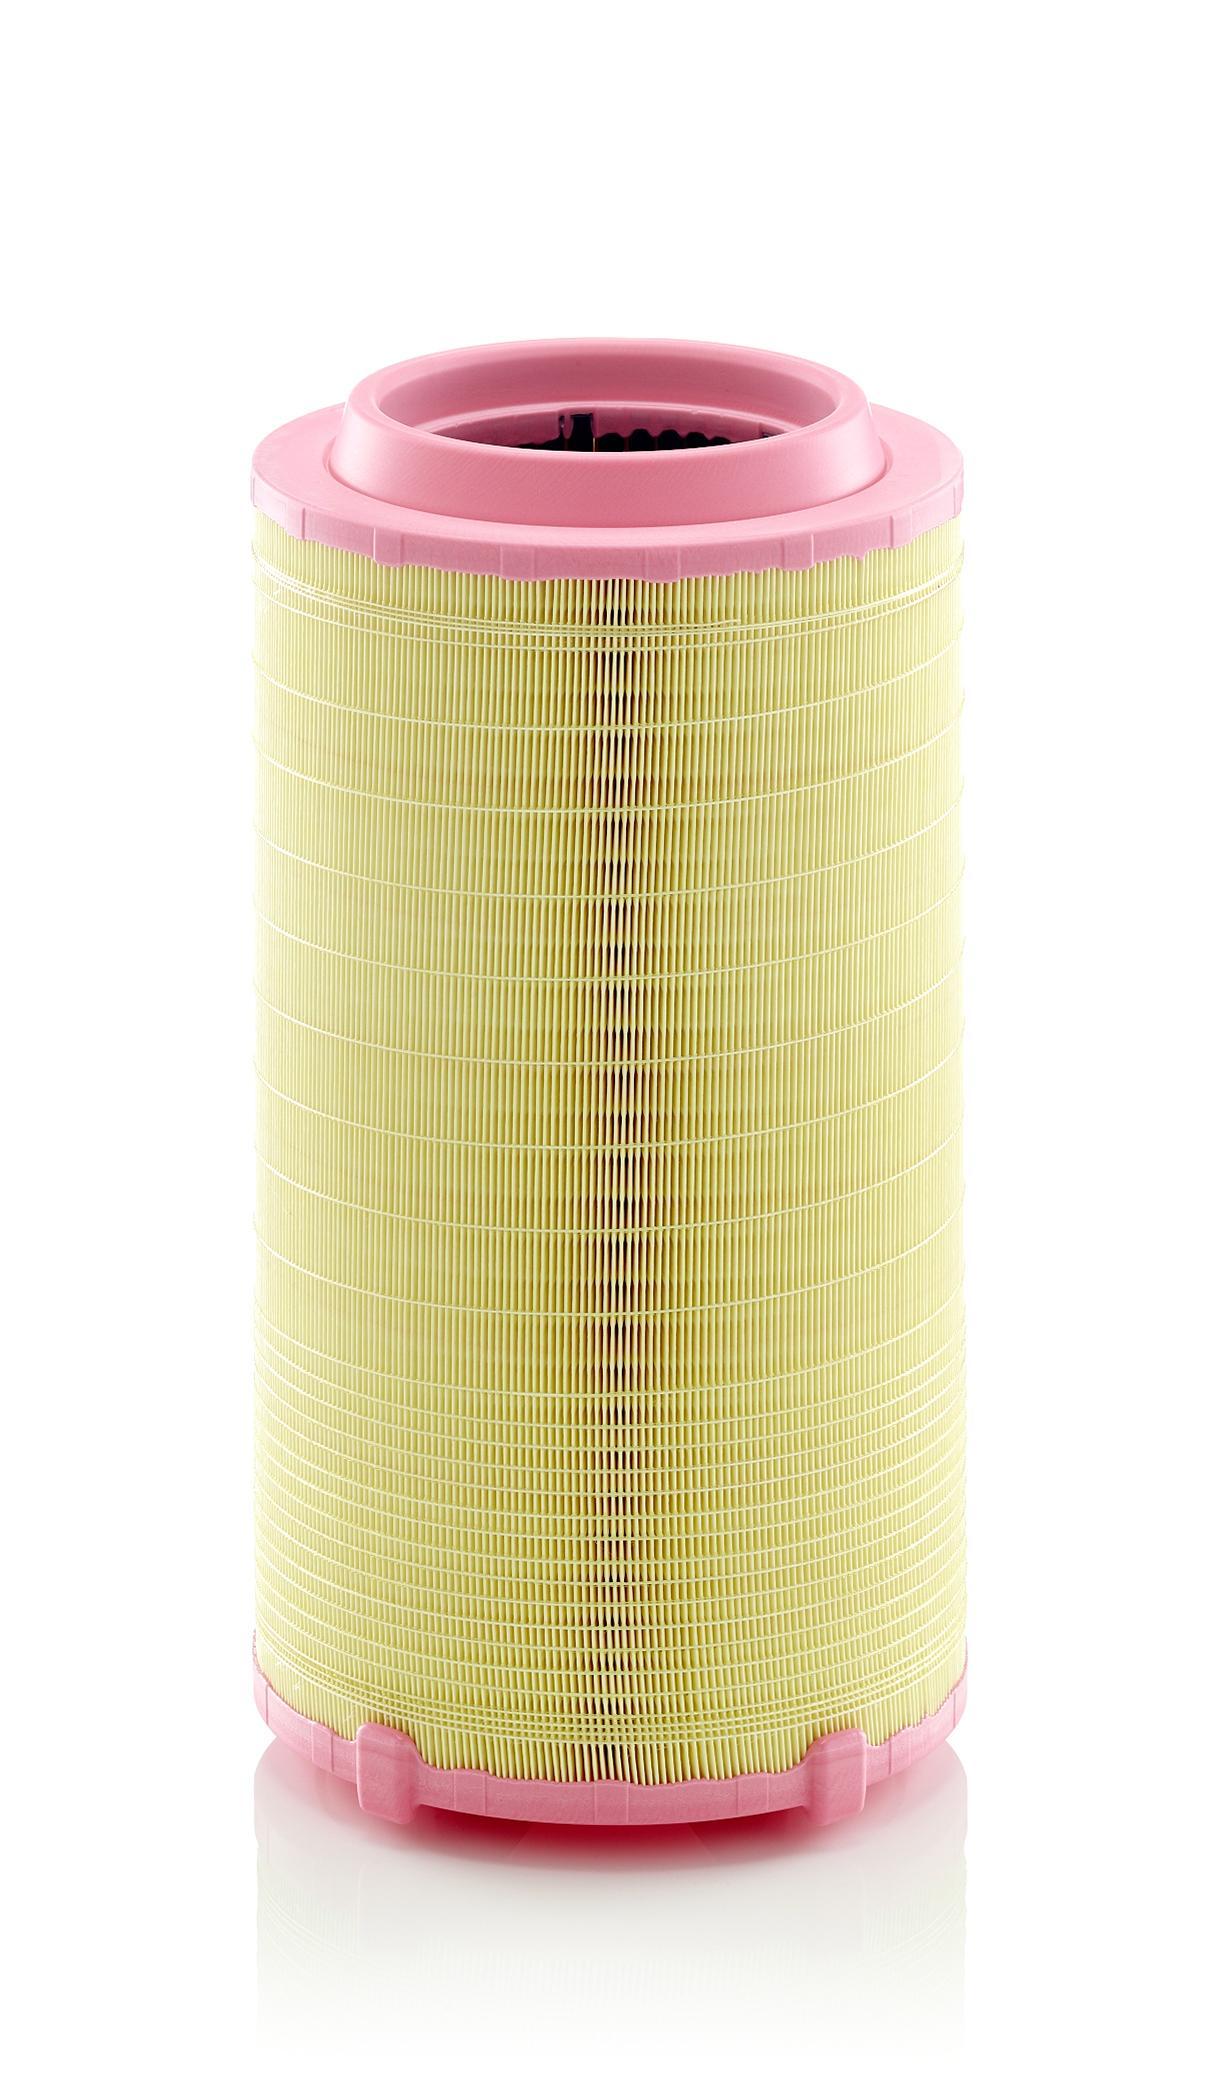 MANN-FILTER Luftfilter für MAN - Artikelnummer: C 27 038